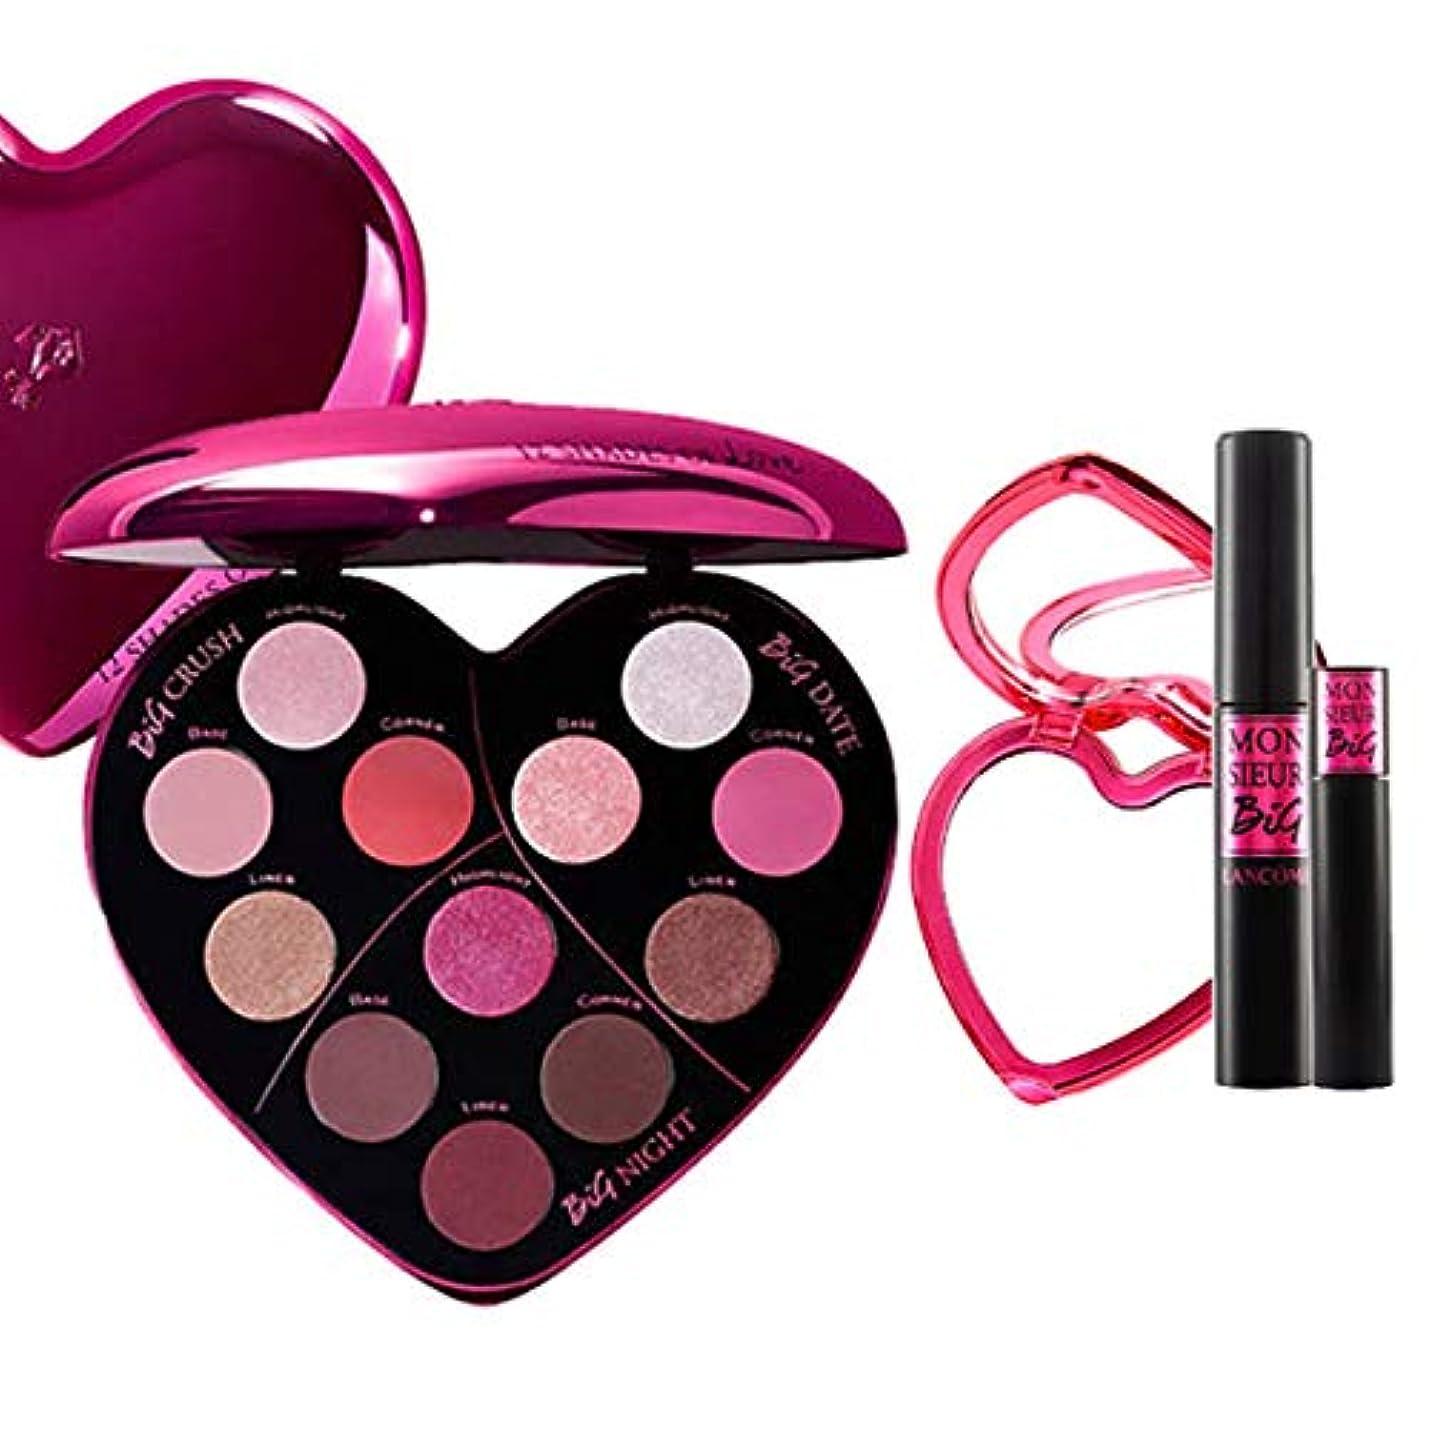 ランコム(LANCOME), 限定版 limited-edition Monsieur Big Heart-Shaped Eyeshadow Palette + Monsieur Big Birthday Mascara...